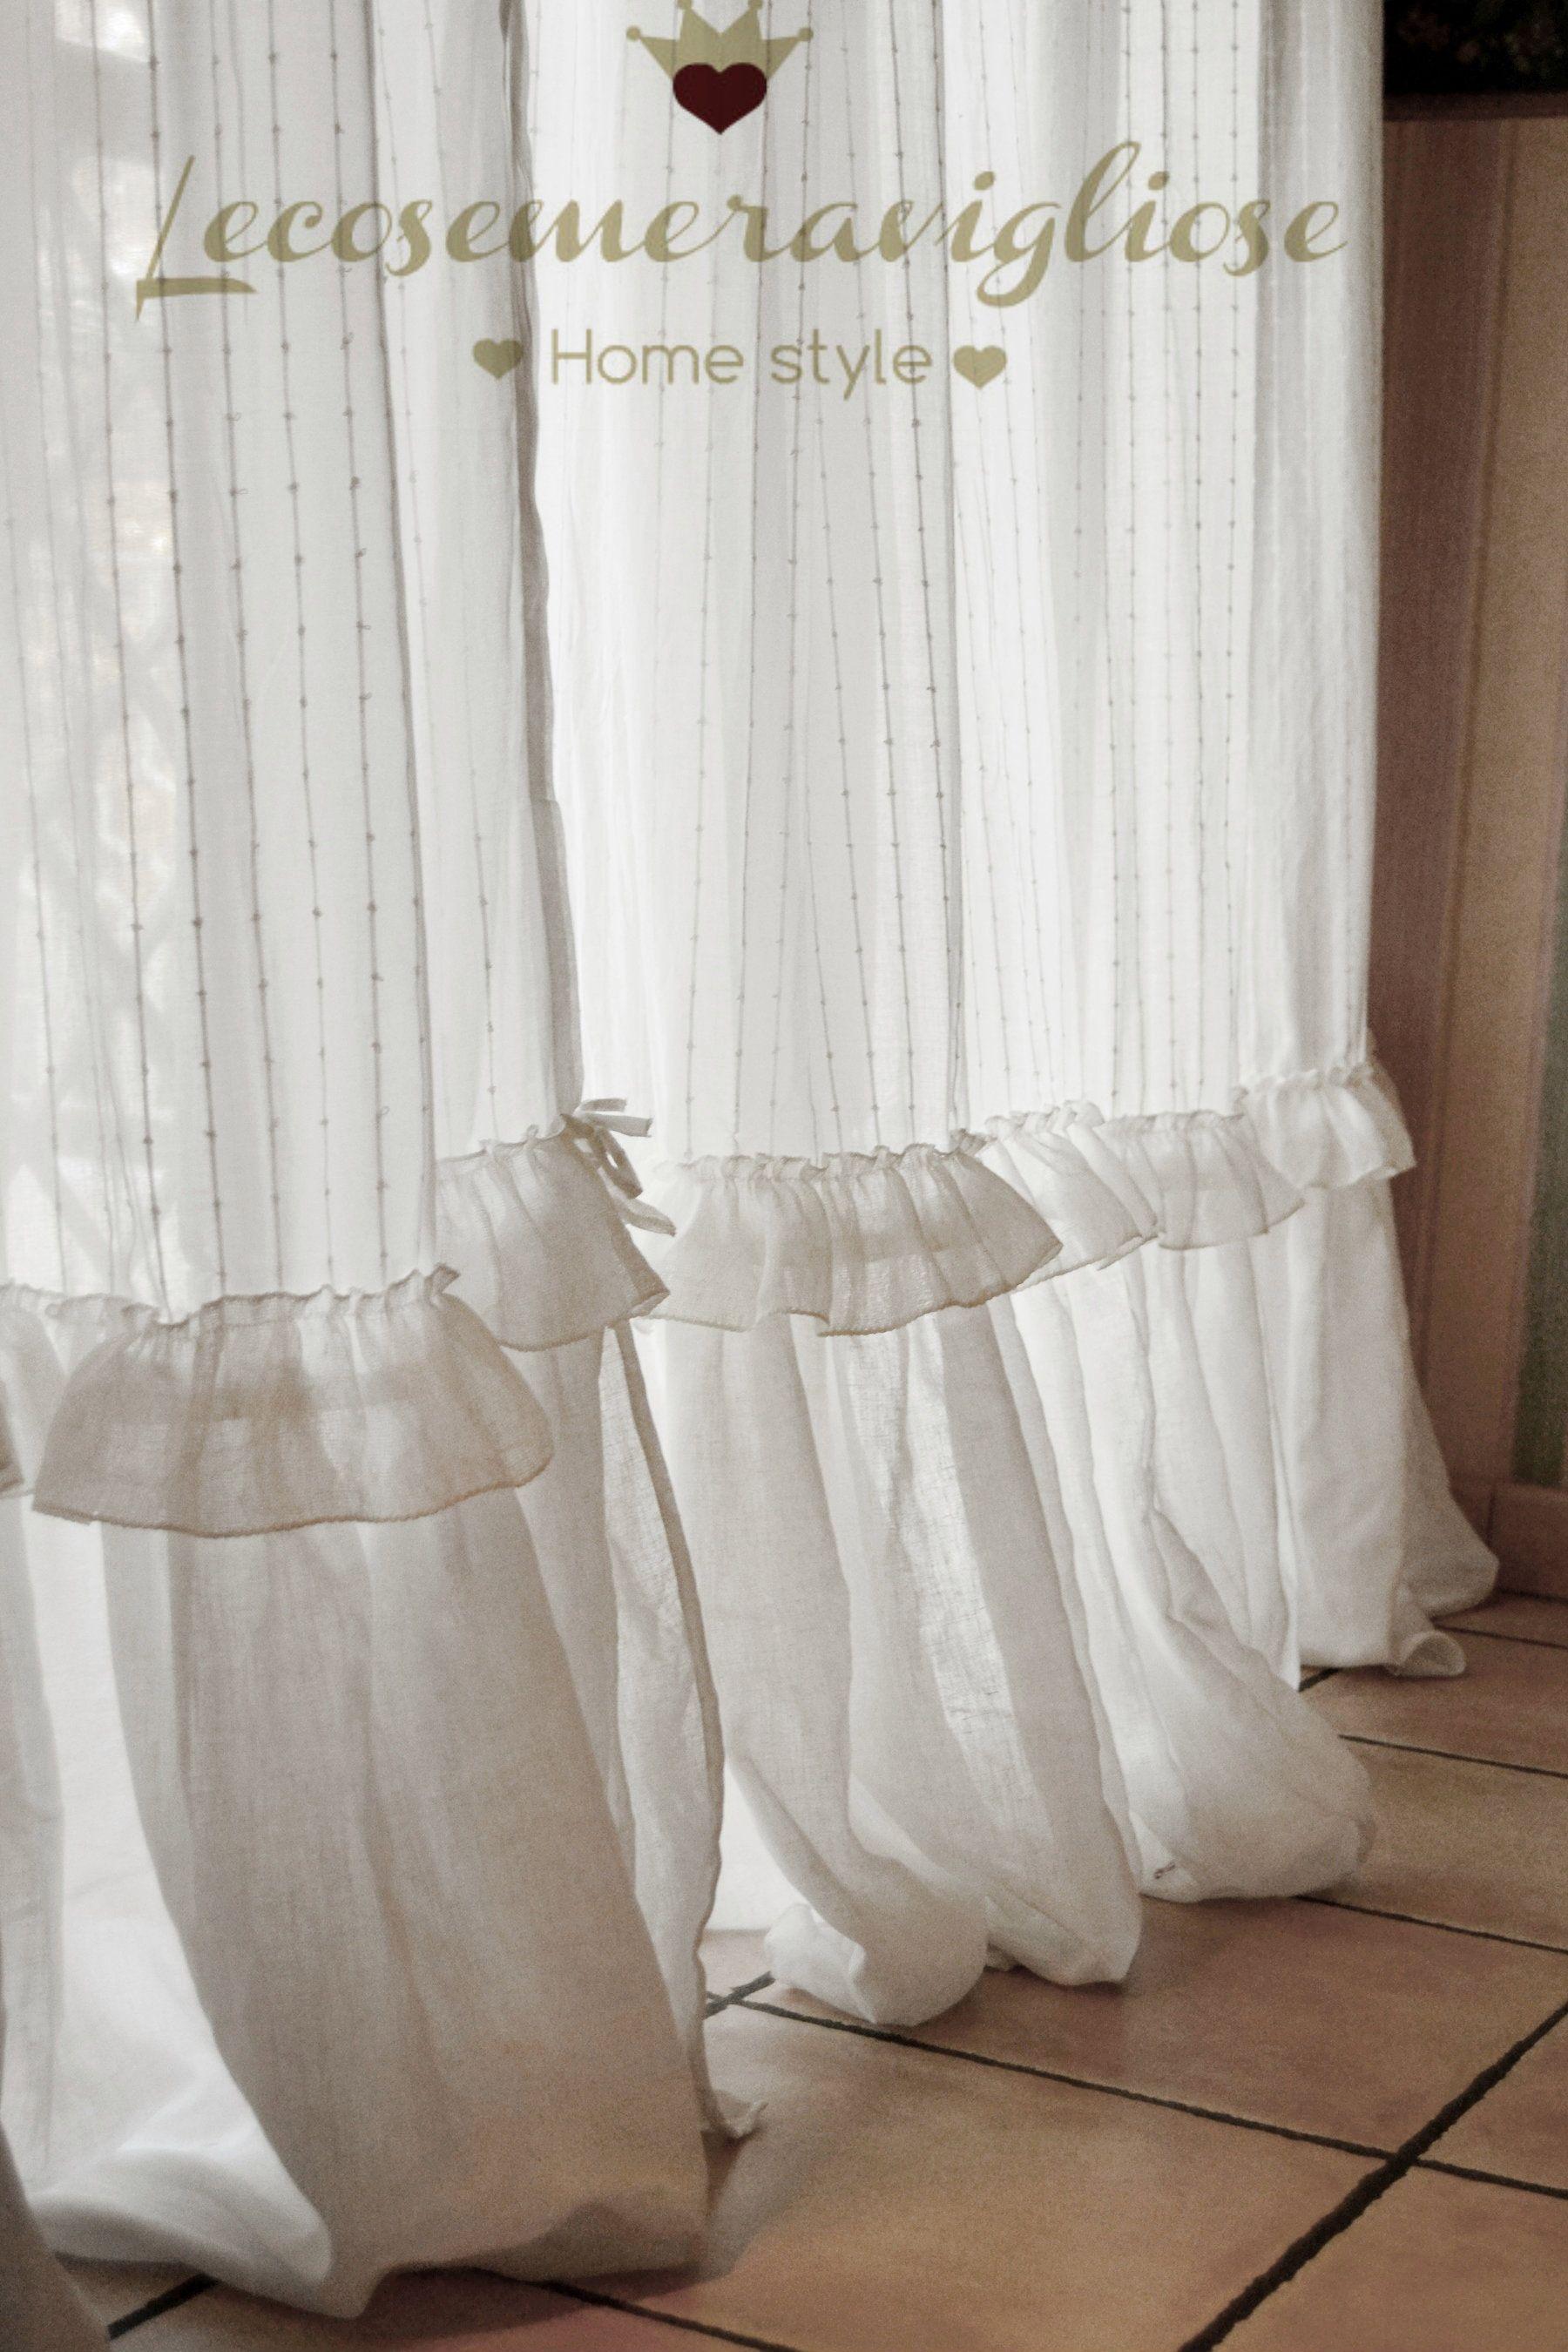 Idee Cucito Per Il Bagno : Tende finestra bagno shabby chic tende in taffetà romantiche per i